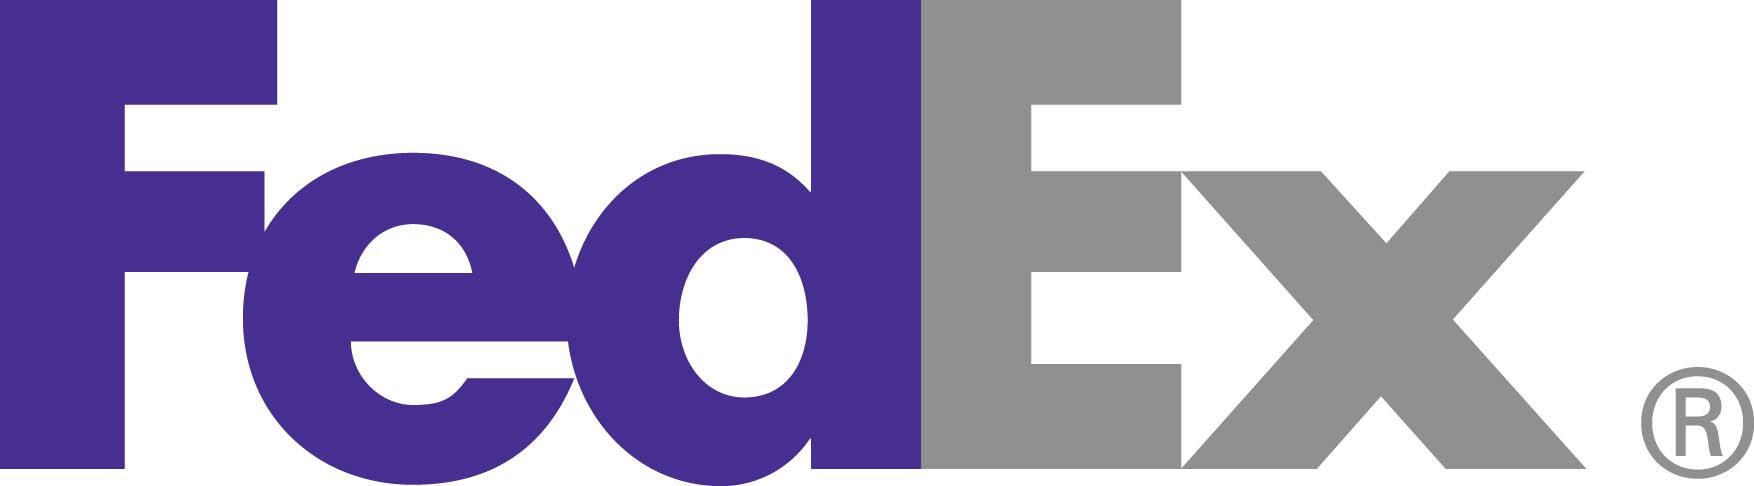 Zdroj: logo123.com